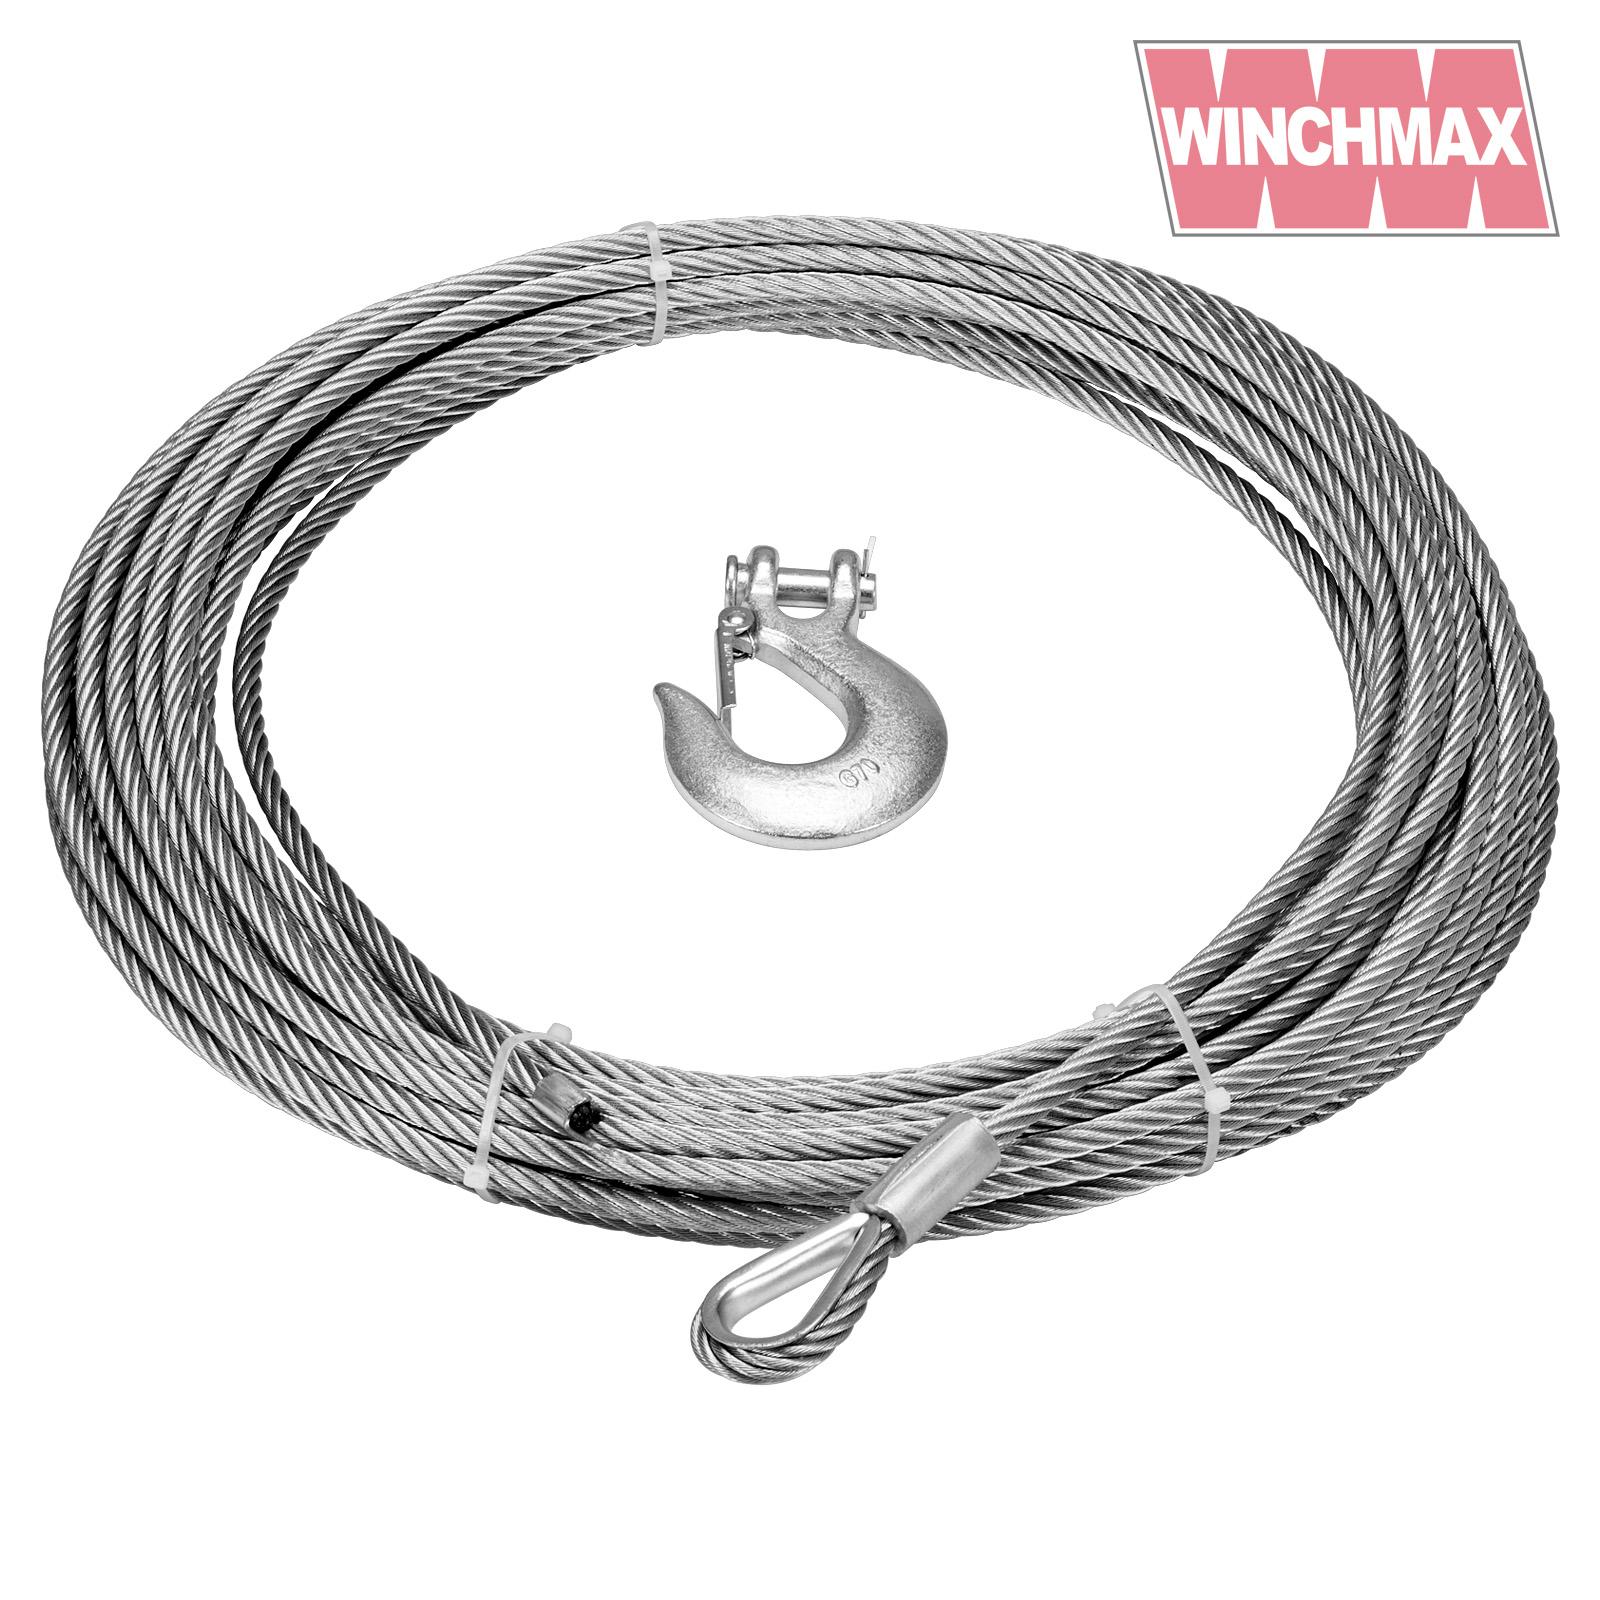 Wmwr26x12 wmwr26x14 winchmax 480